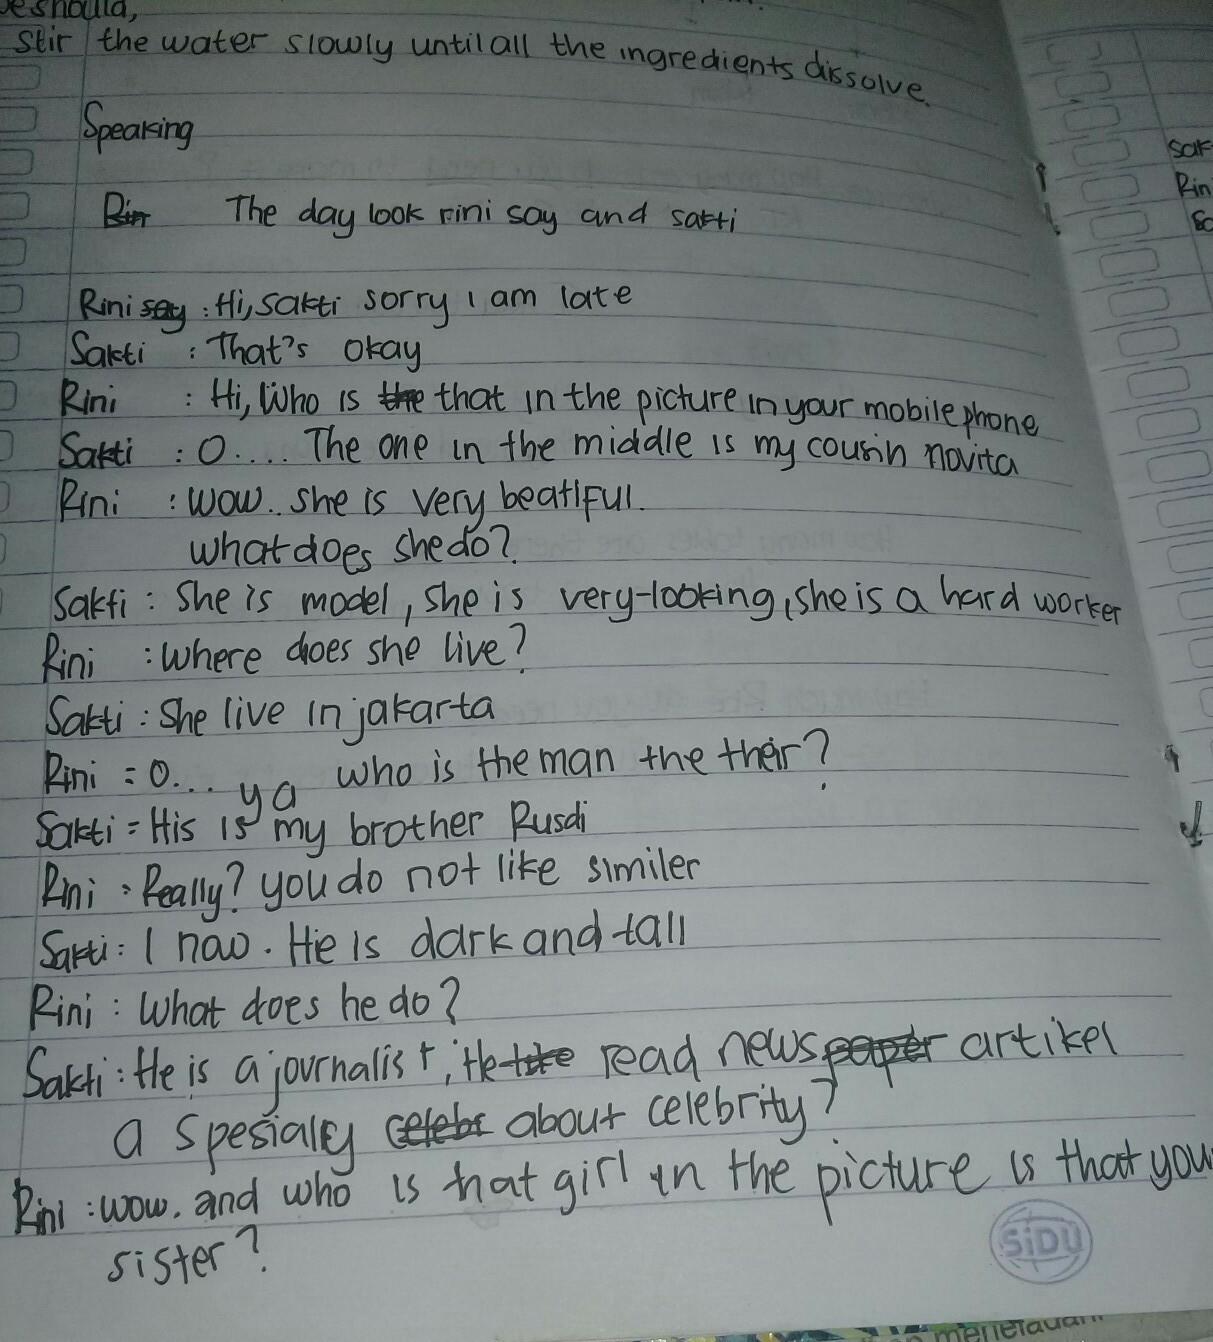 Teks Drama Bahasa Inggris 4 Orang Berbagai Teks Penting